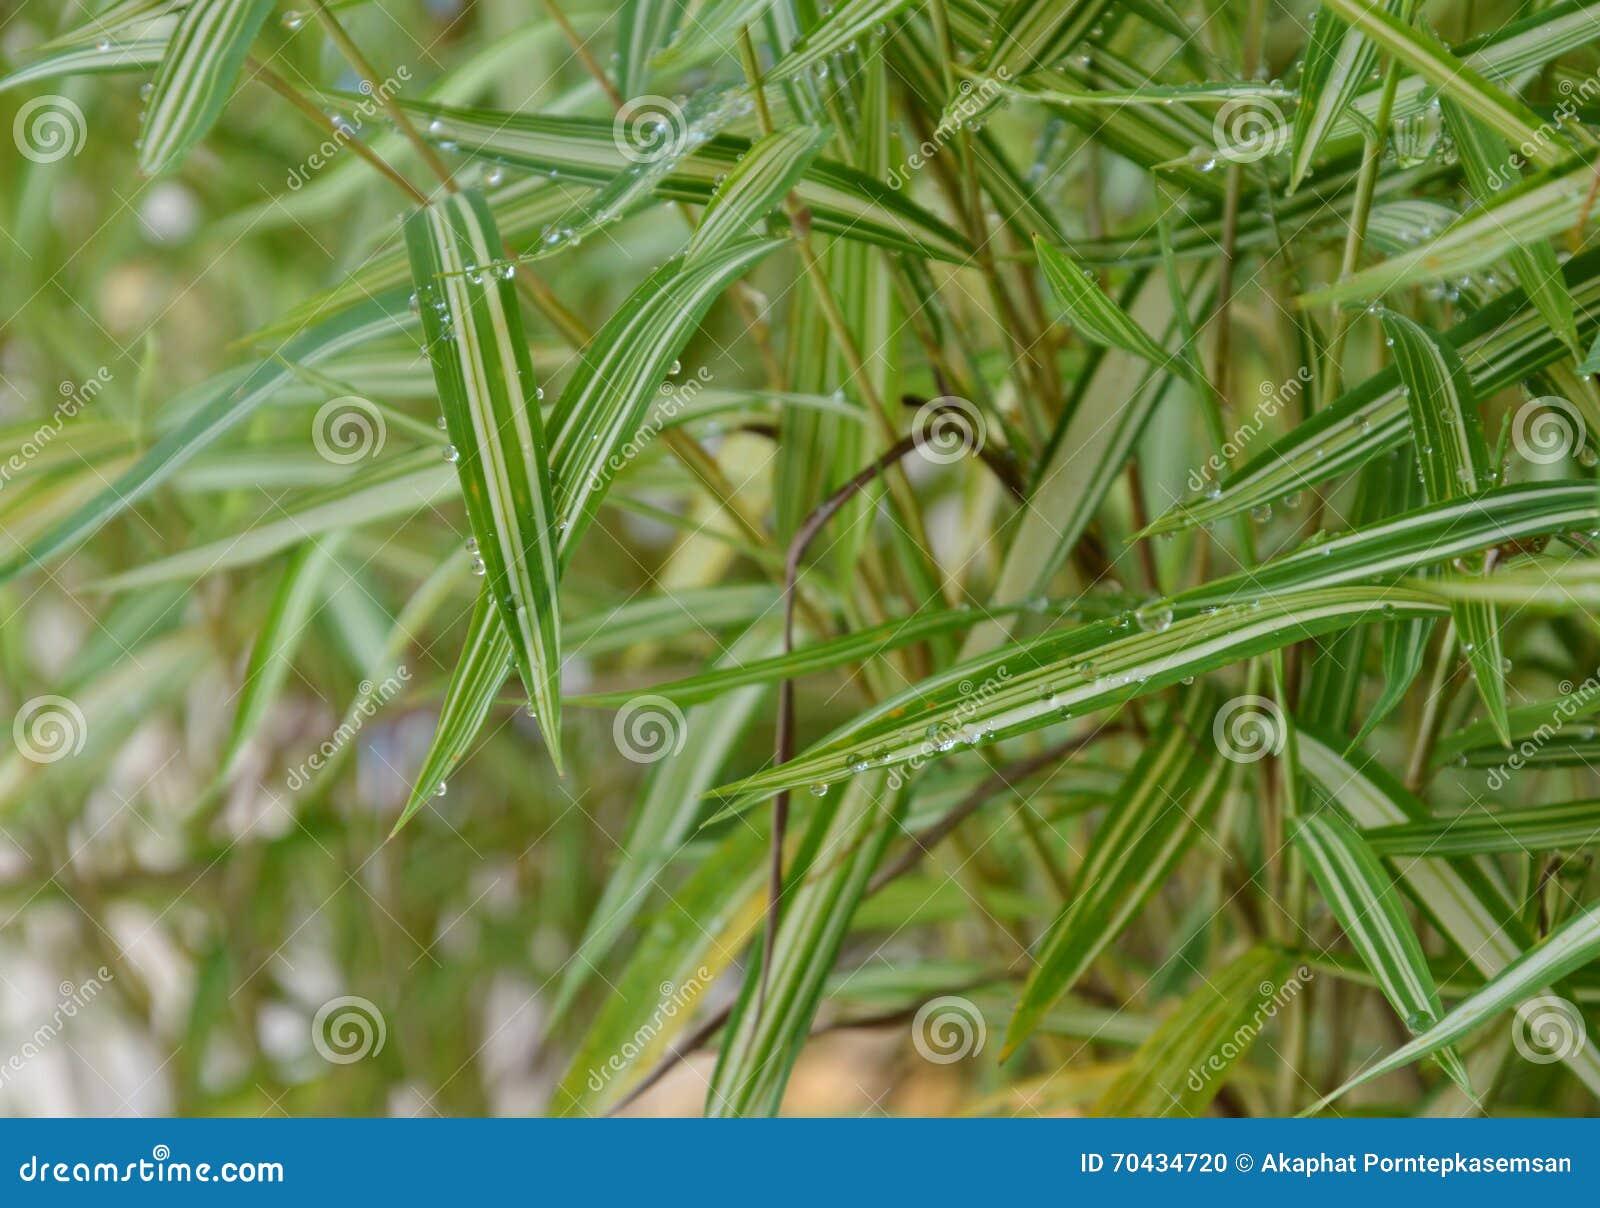 Hierba de bamb del seto para el animal dom stico de - Seto de bambu ...